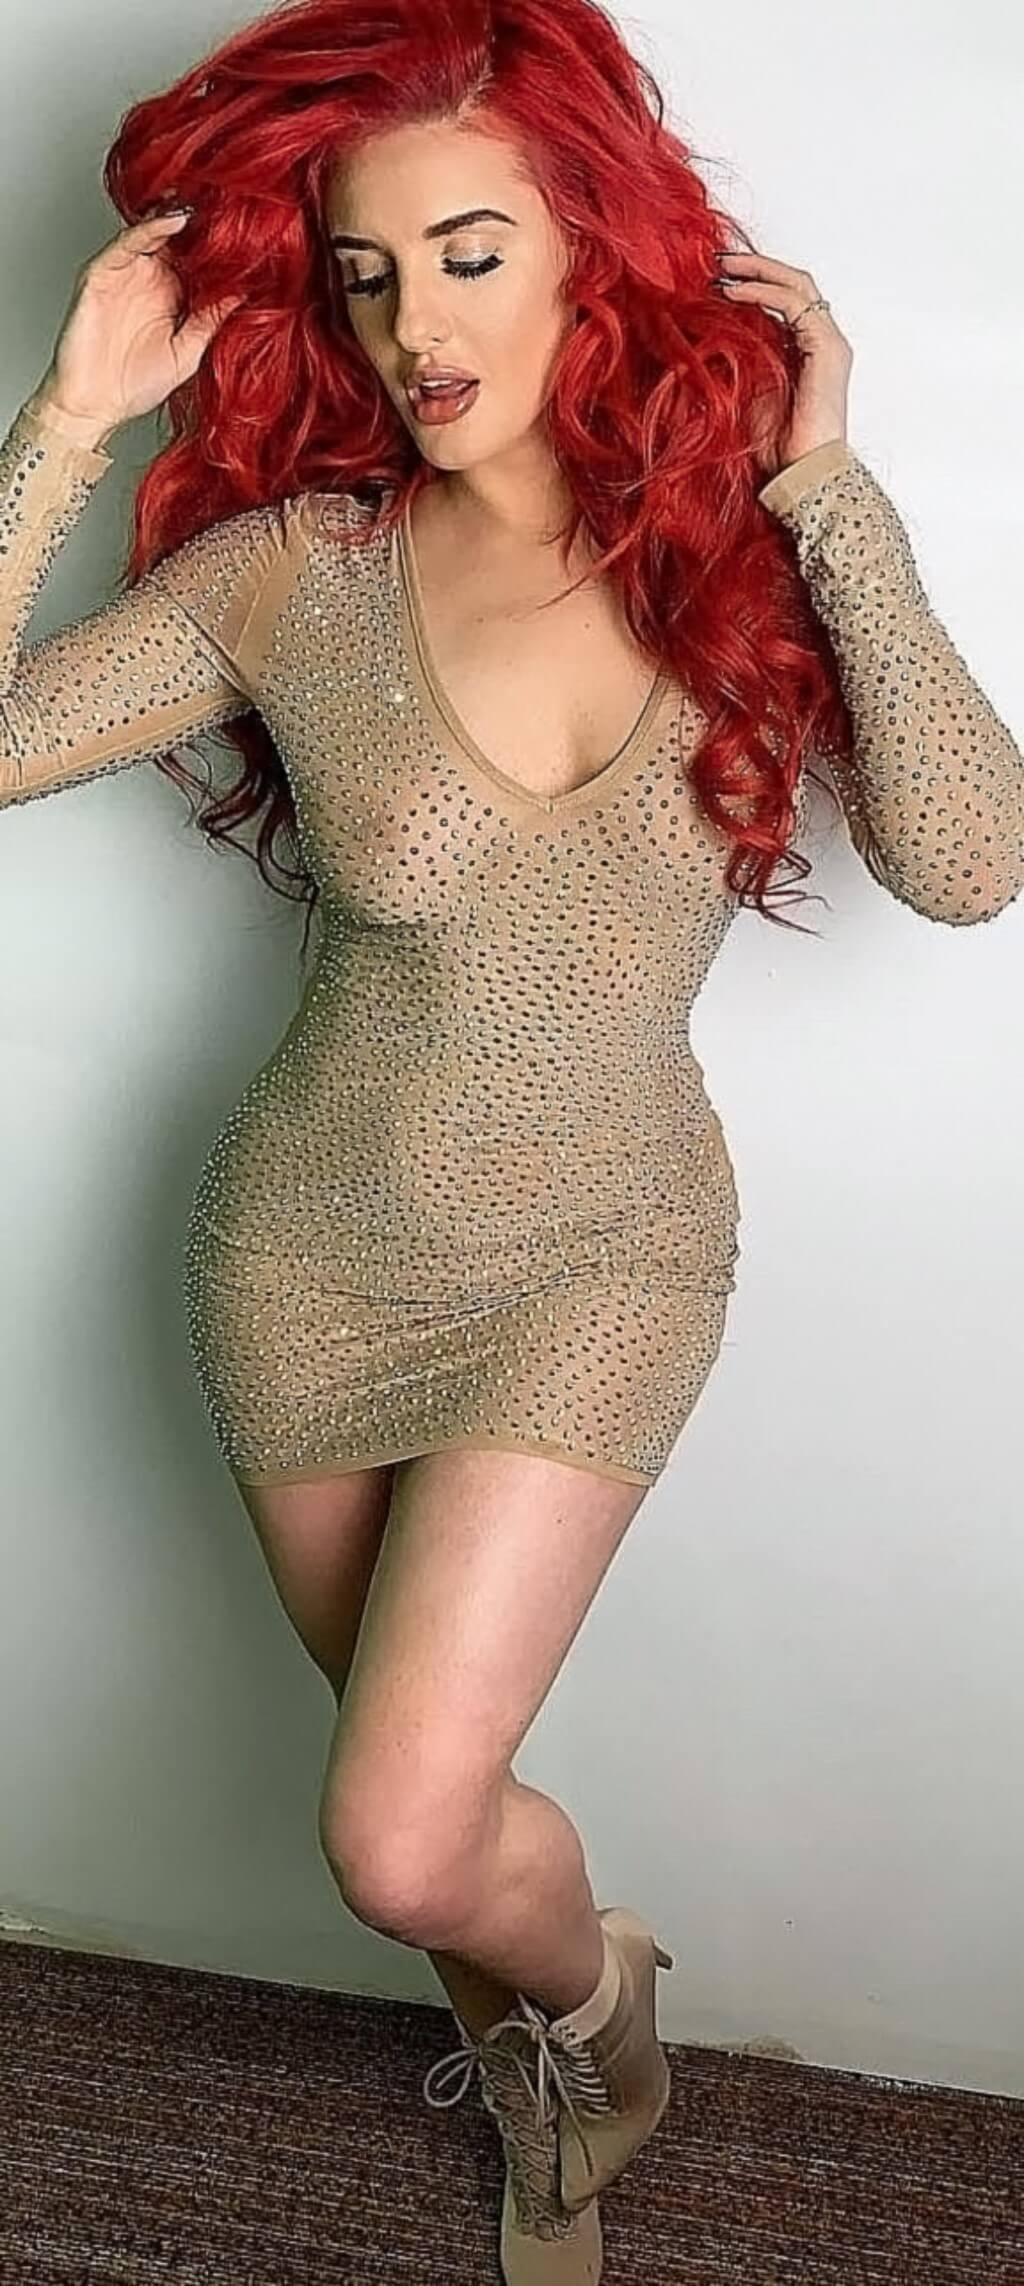 Justina Valentine Nude